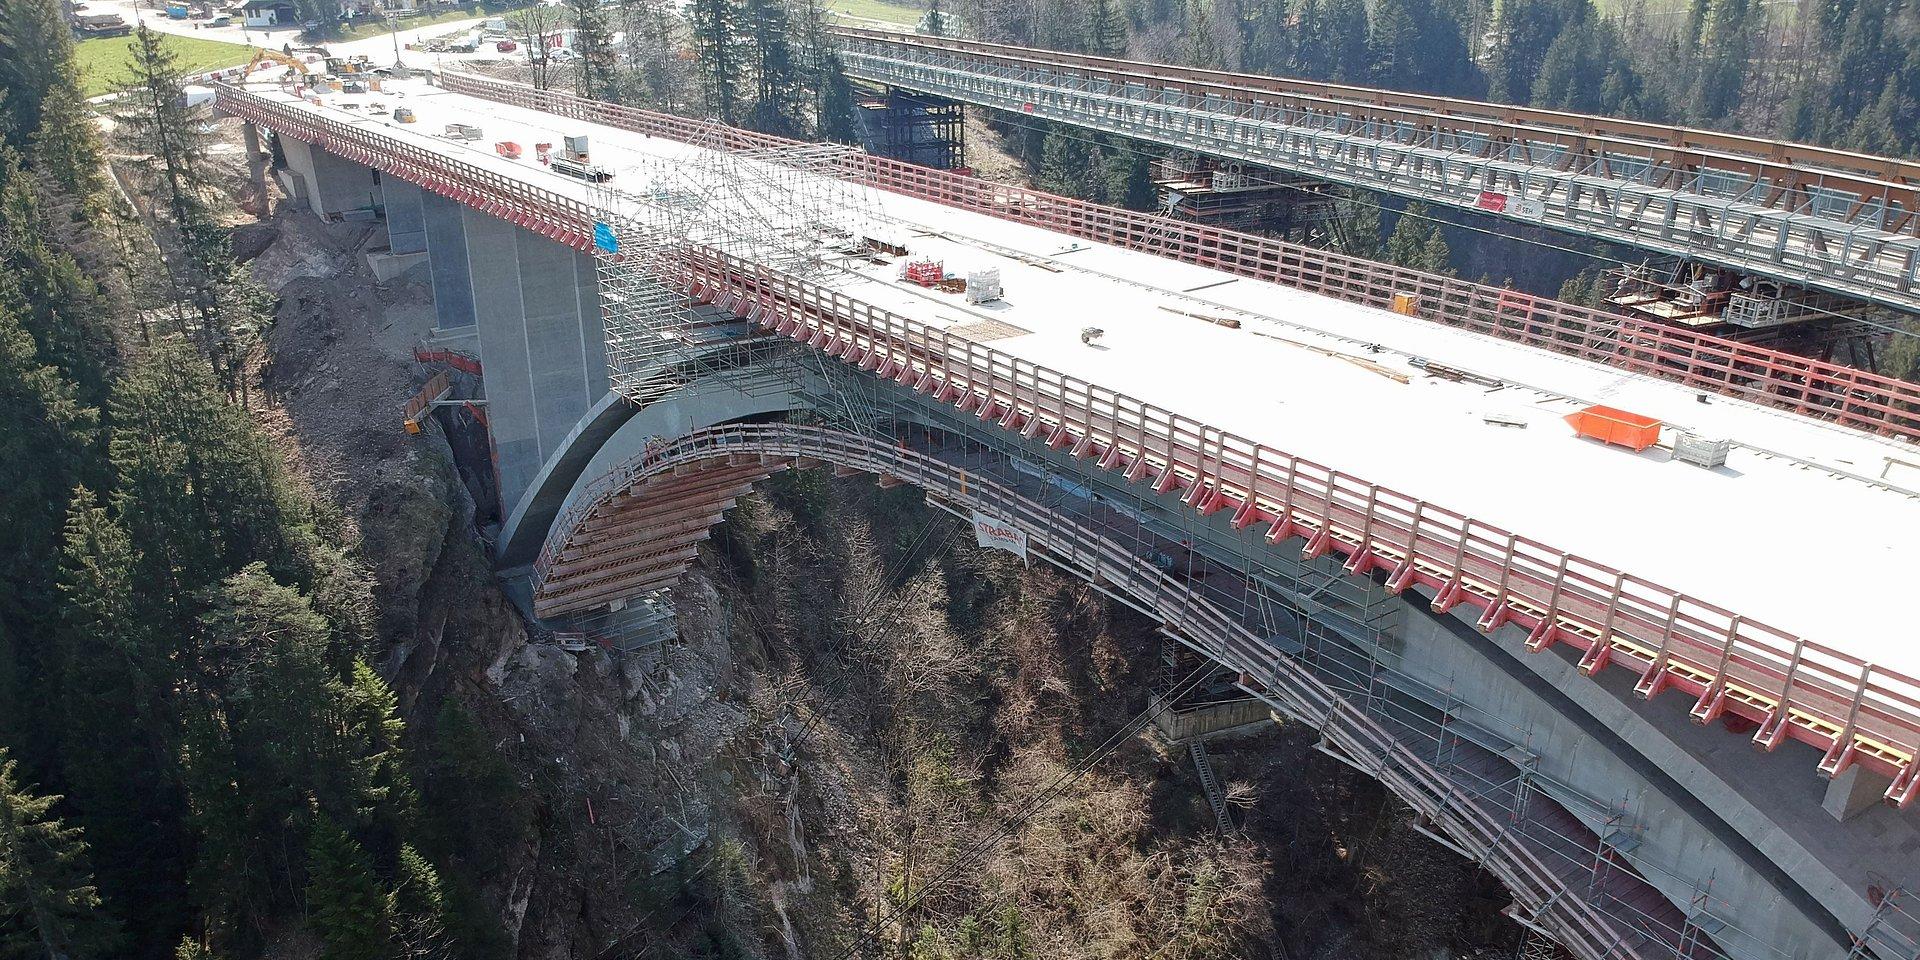 Odnowienie mostu Echelsbacher w Bawarii